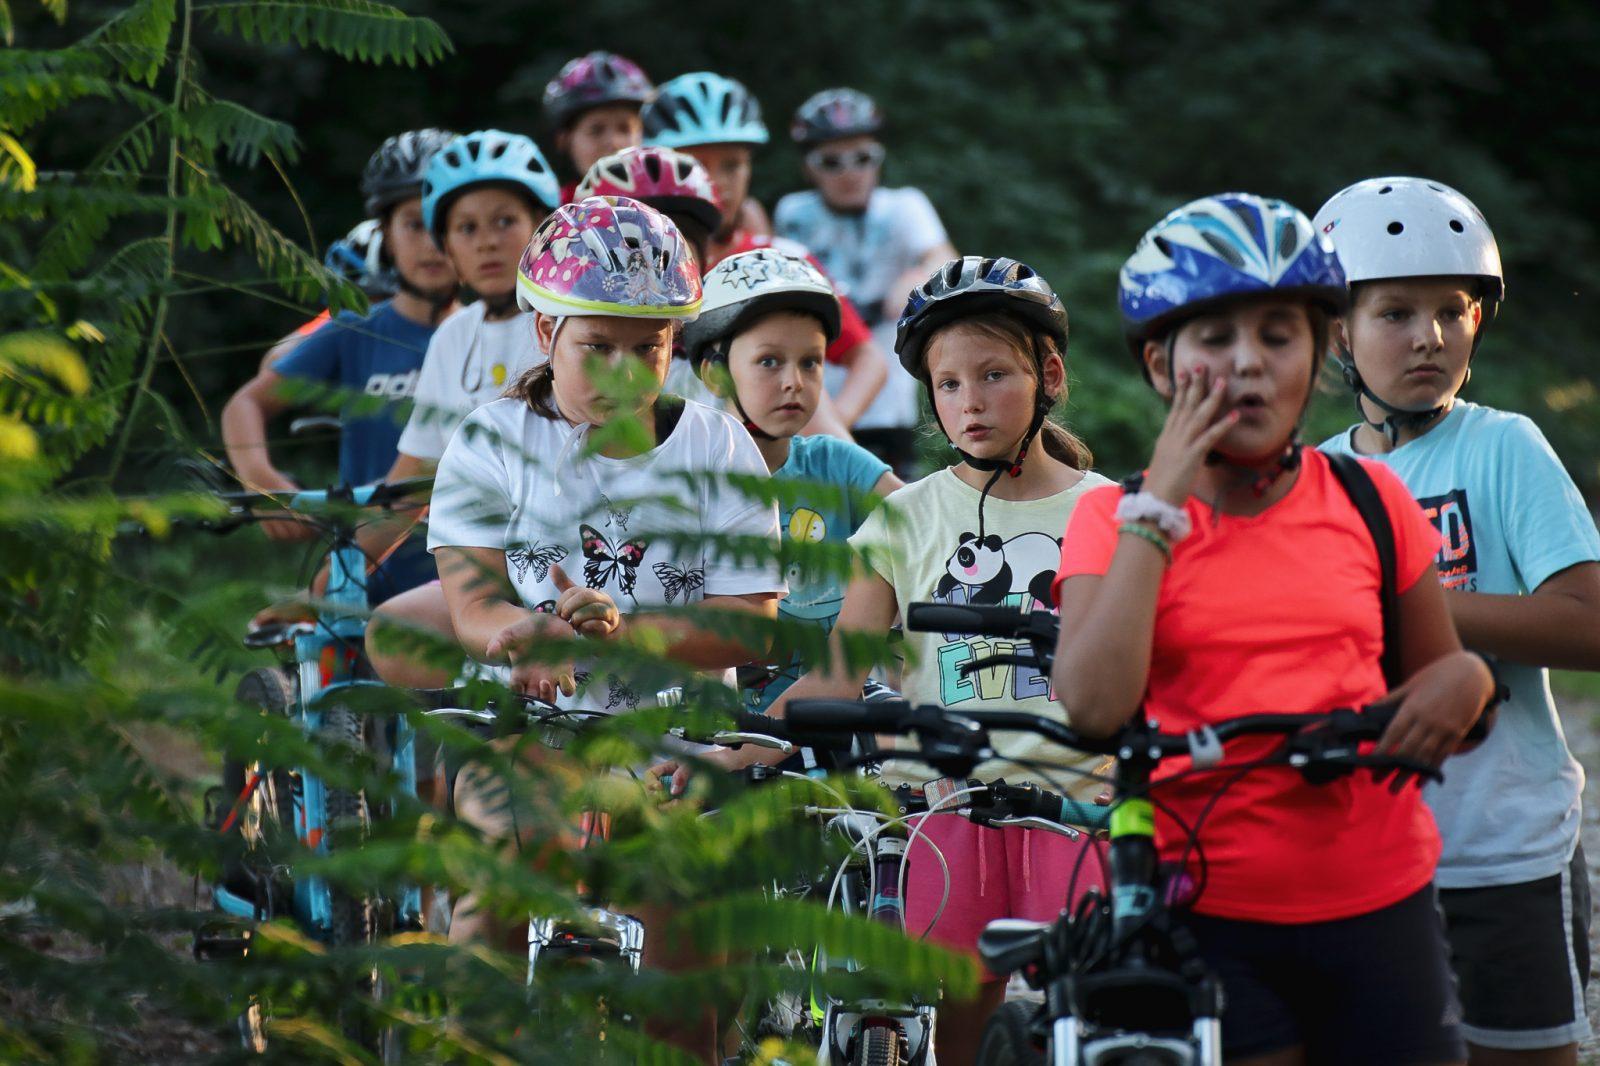 bk prelog dječji biciklistički kamp 2020 5